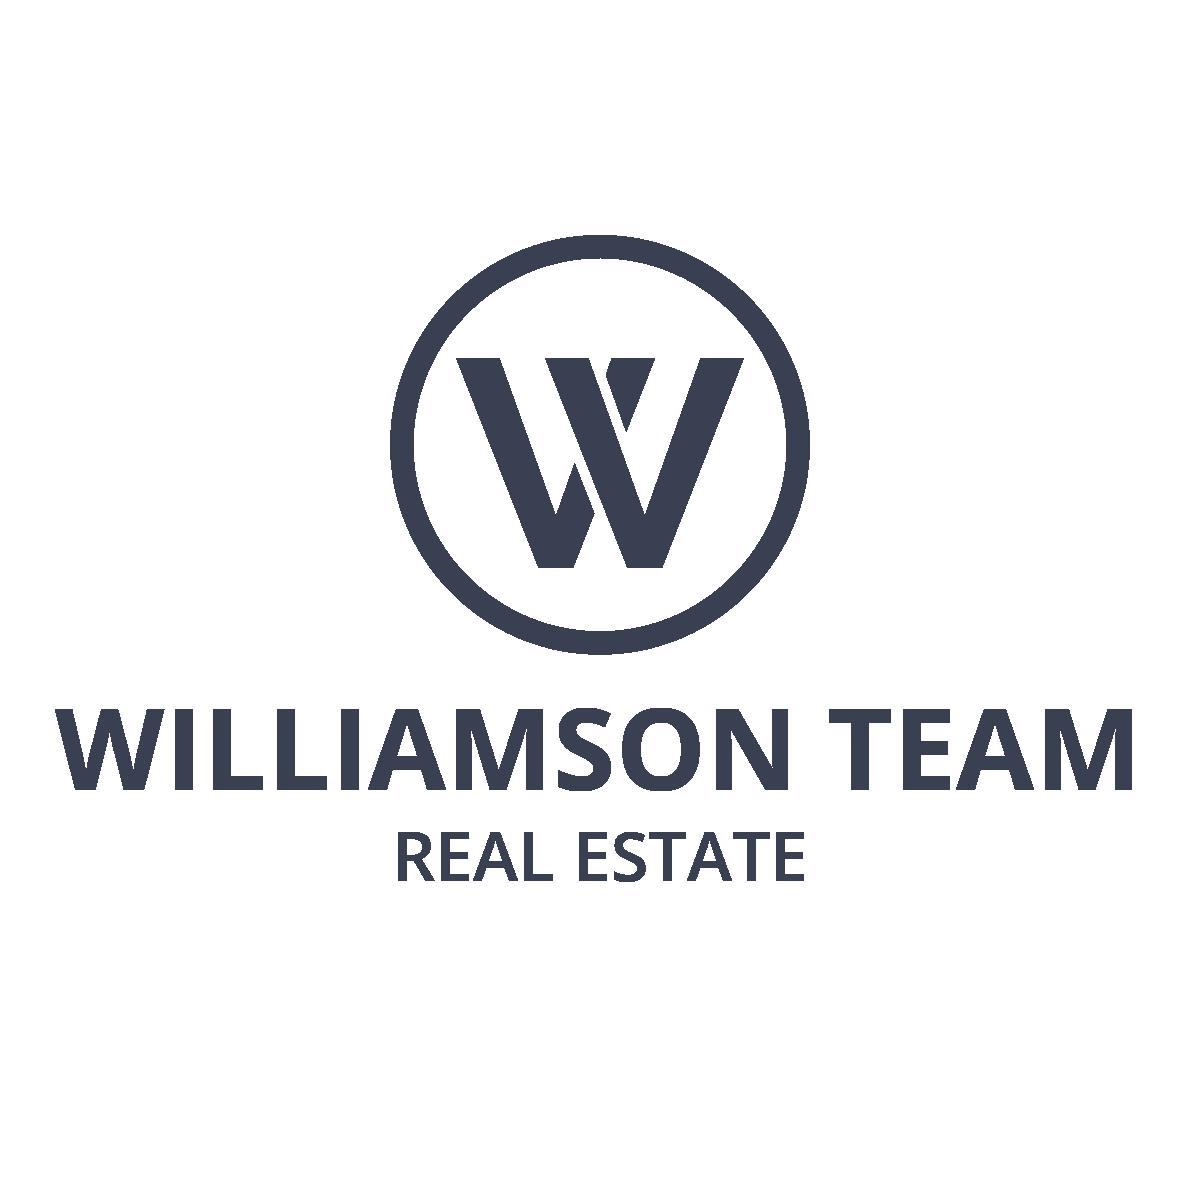 Williamson Team Real Estate (https://www yourwilliamsonteam